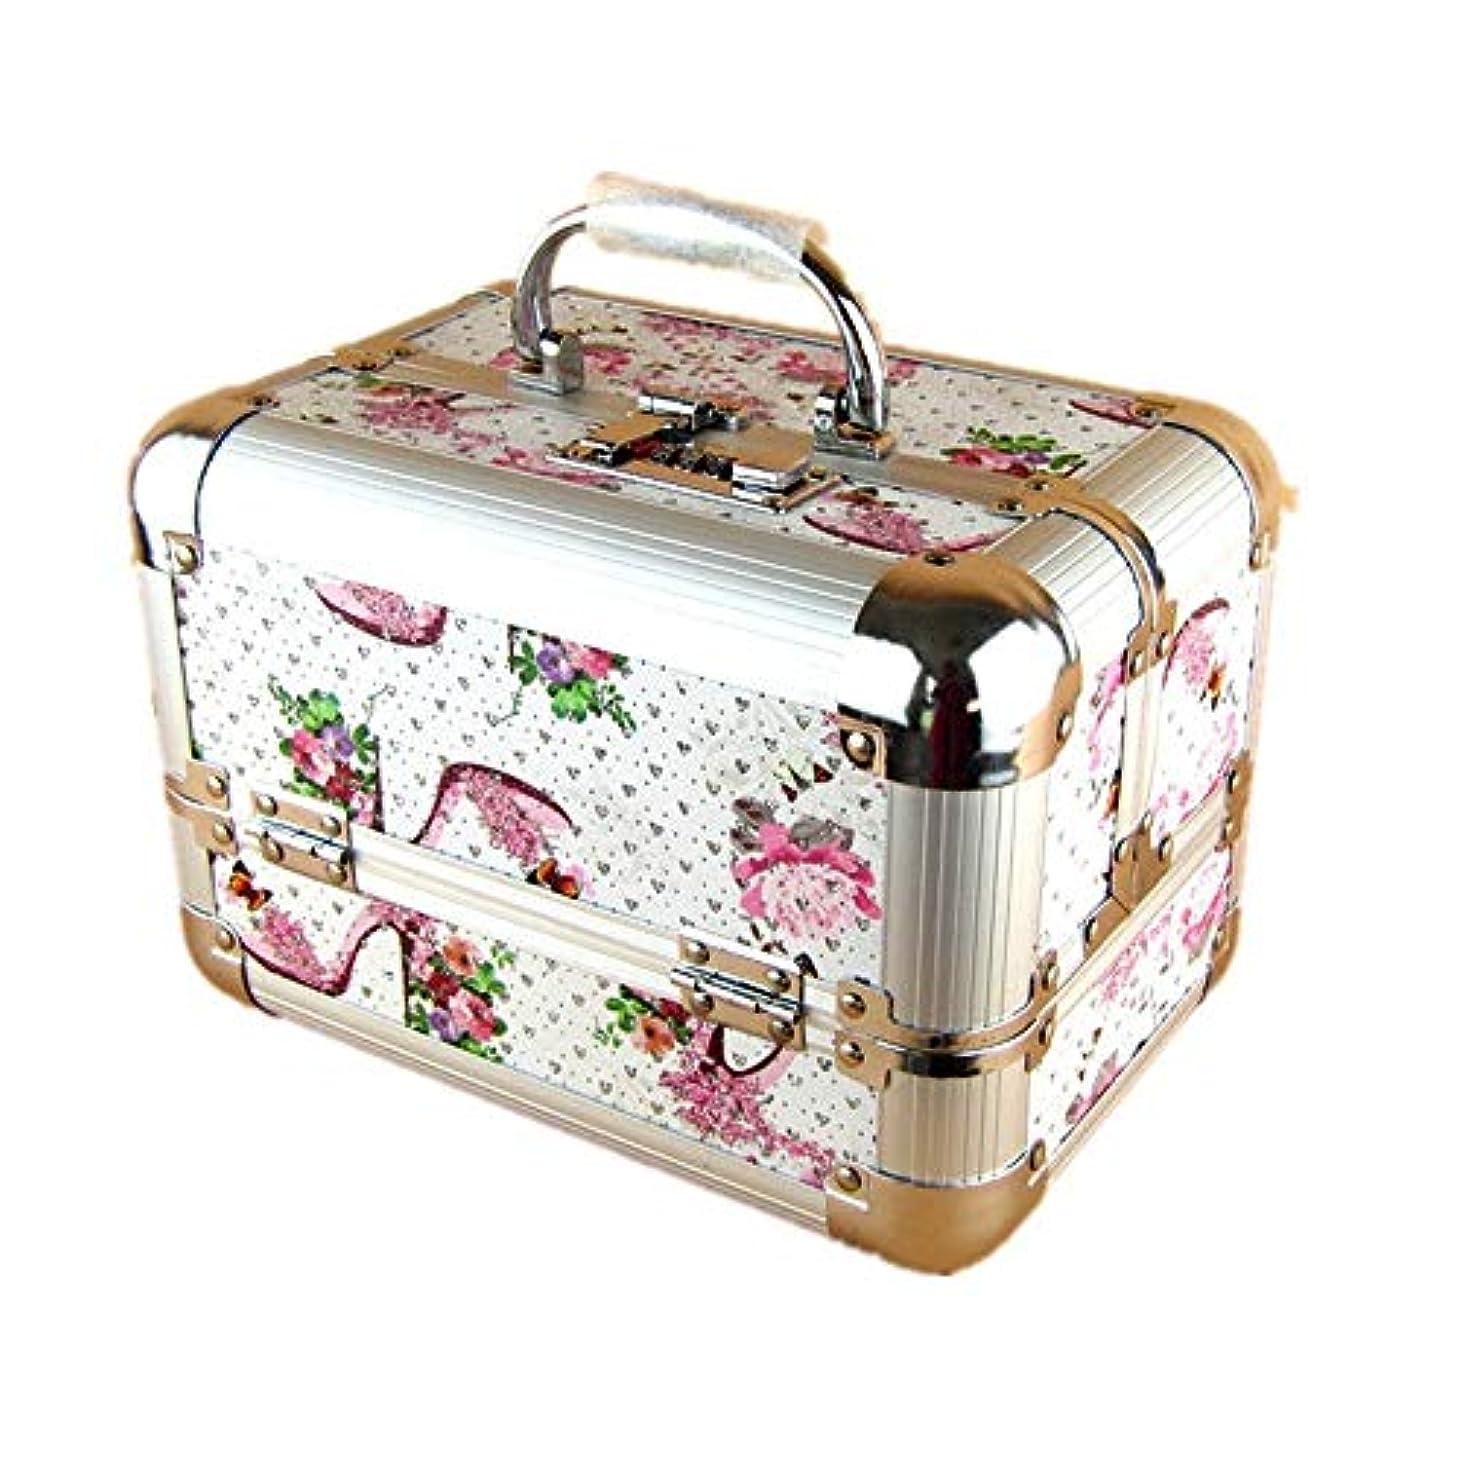 変更難しい休眠化粧オーガナイザーバッグ 美容メイクアップと女性の女性のためのポータブルメイクトレインケースロックと折り畳みトレイとアルミフレームと日常のストレージ 化粧品ケース